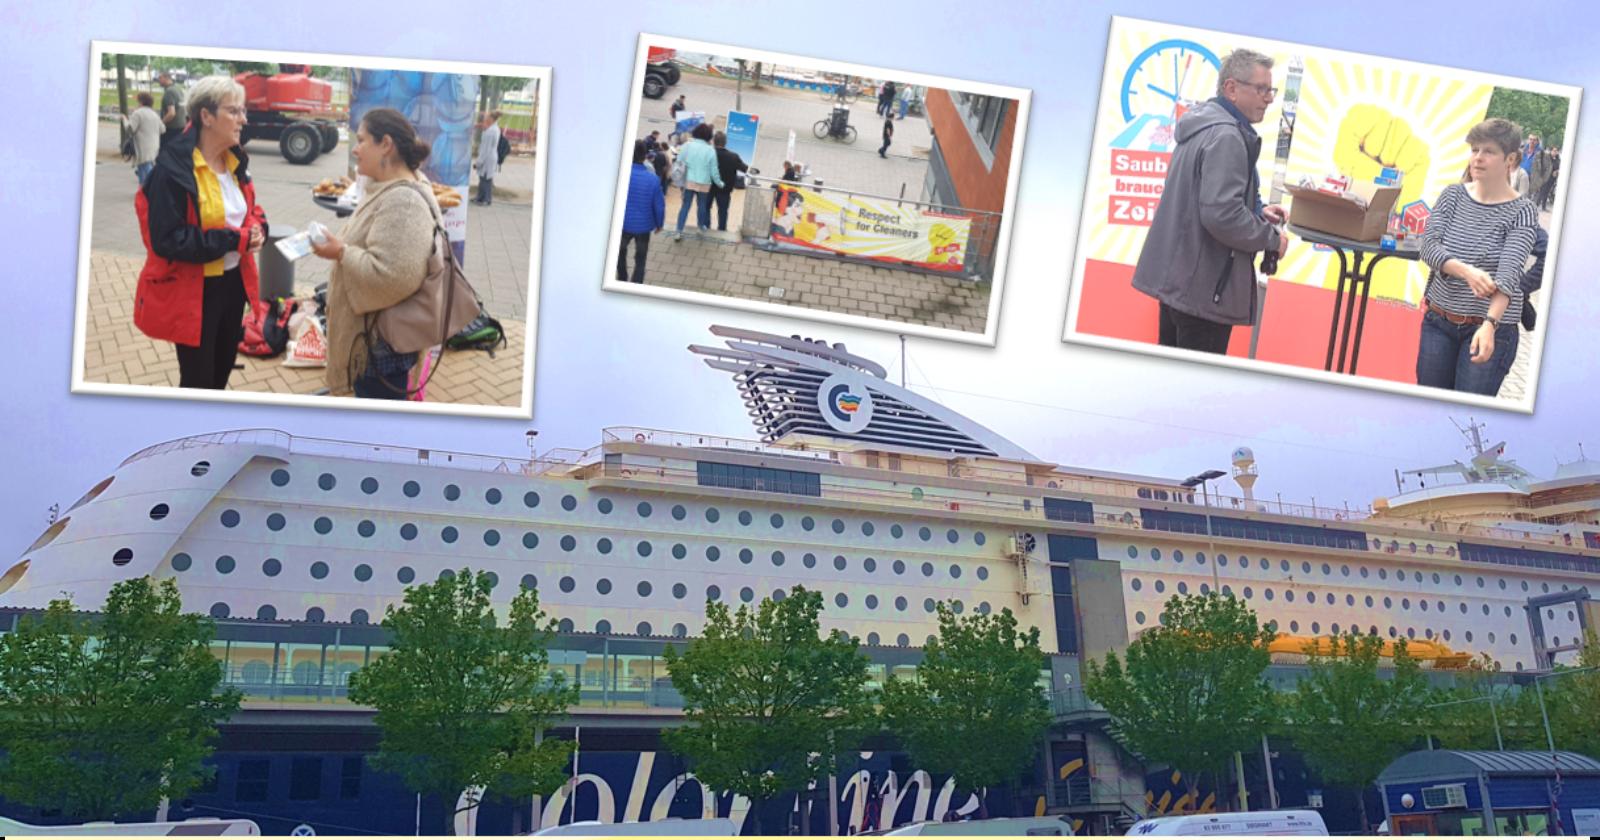 Tag der Gebäudereinigung in Kiel:  Respect for Cleaners, auch auf Kreuzfahrtschiffen